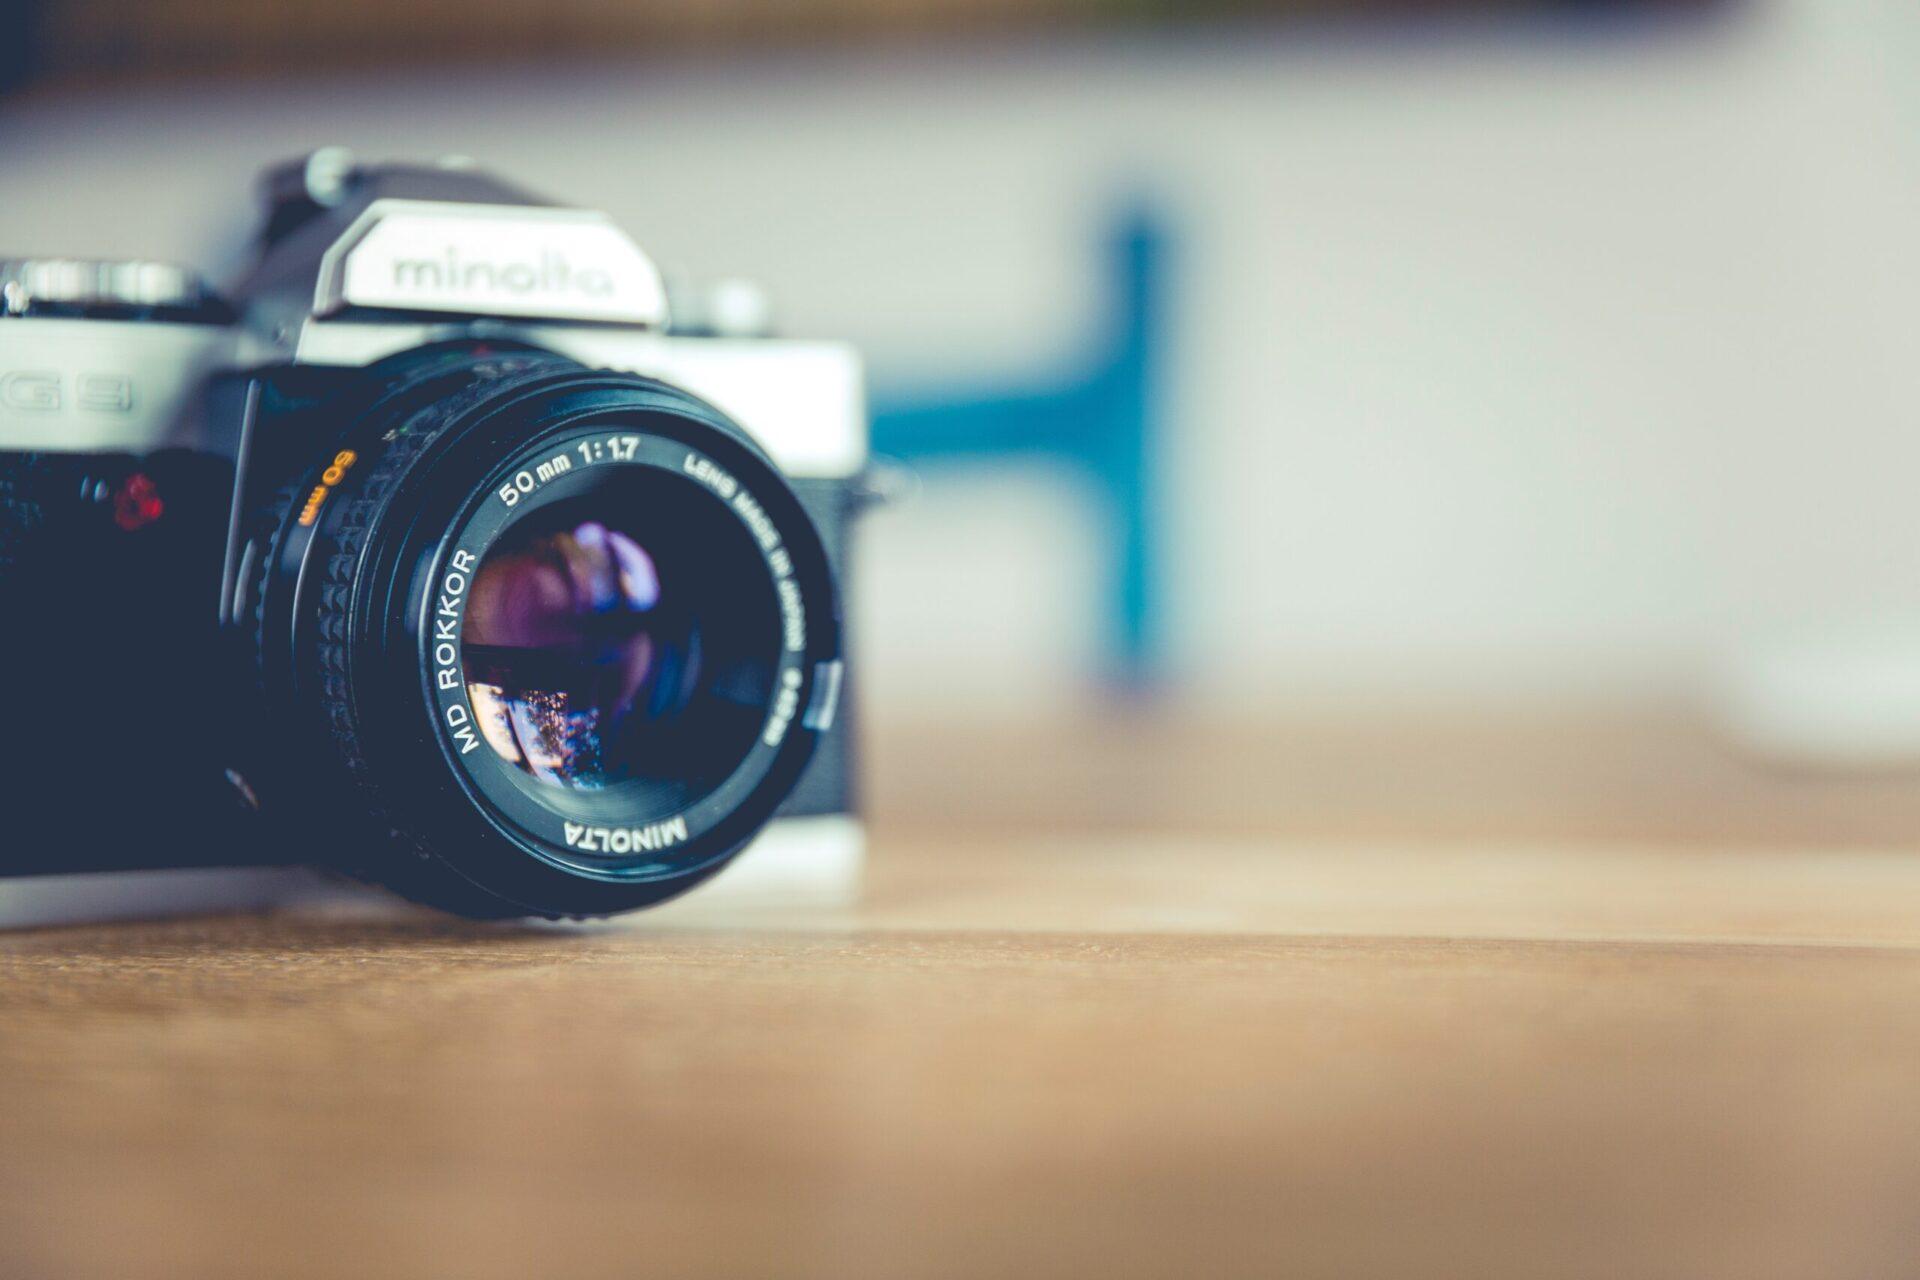 施工管理の写真の撮り方8つの注意点